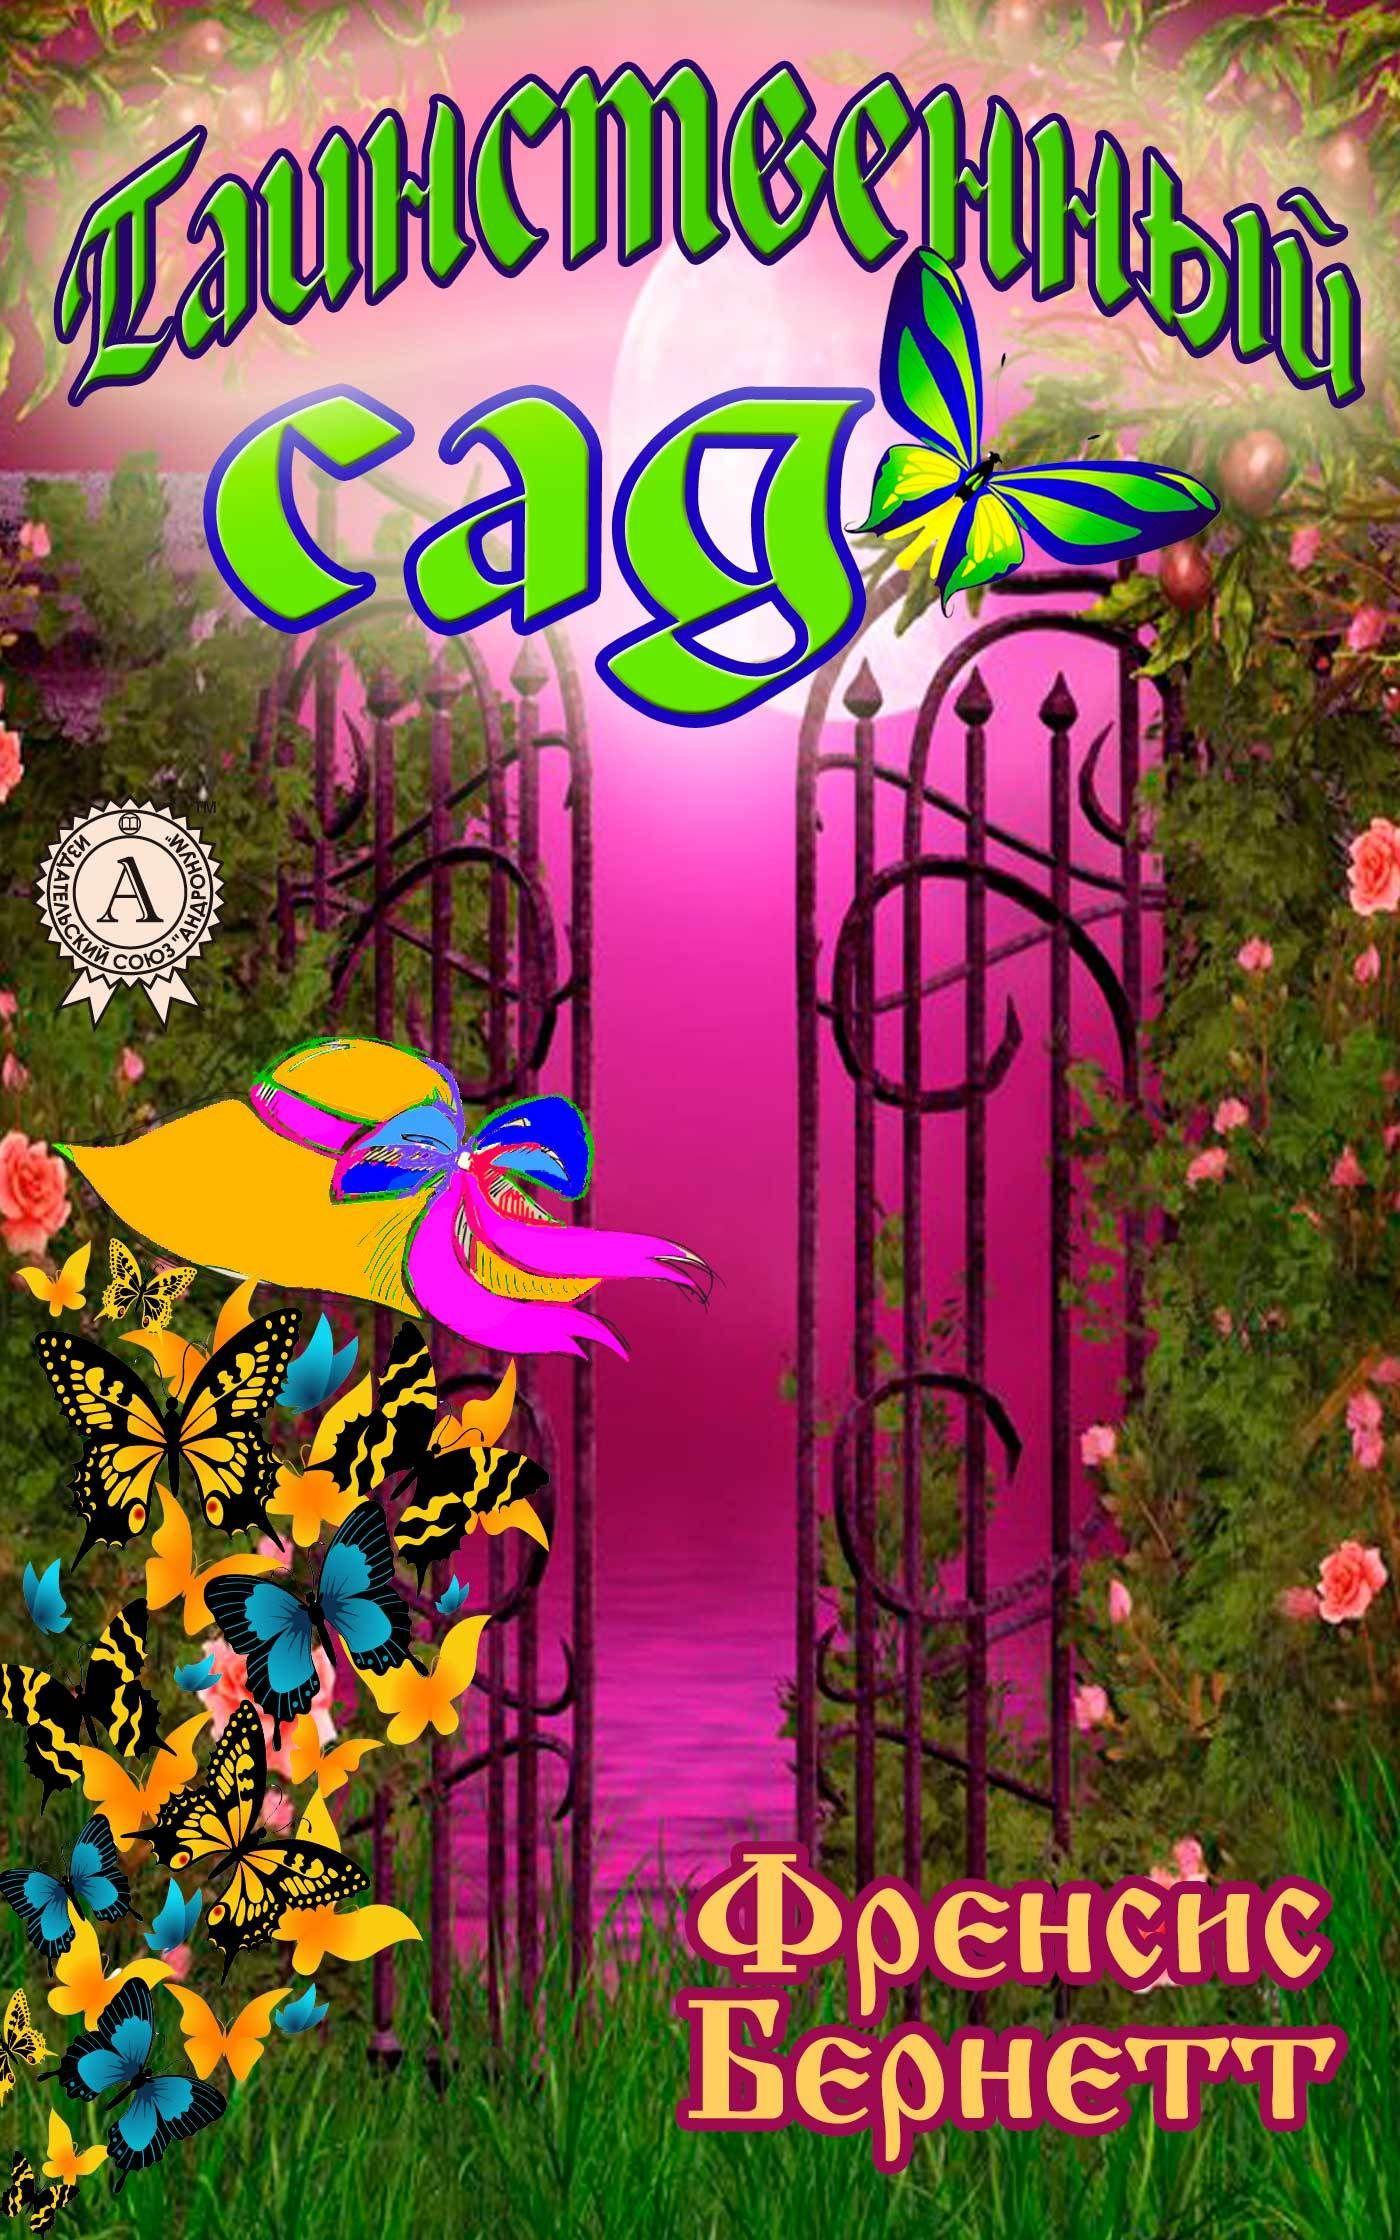 Таинственный сад (сборник) (фрэнсис бёрнетт) скачать книгу в fb2.